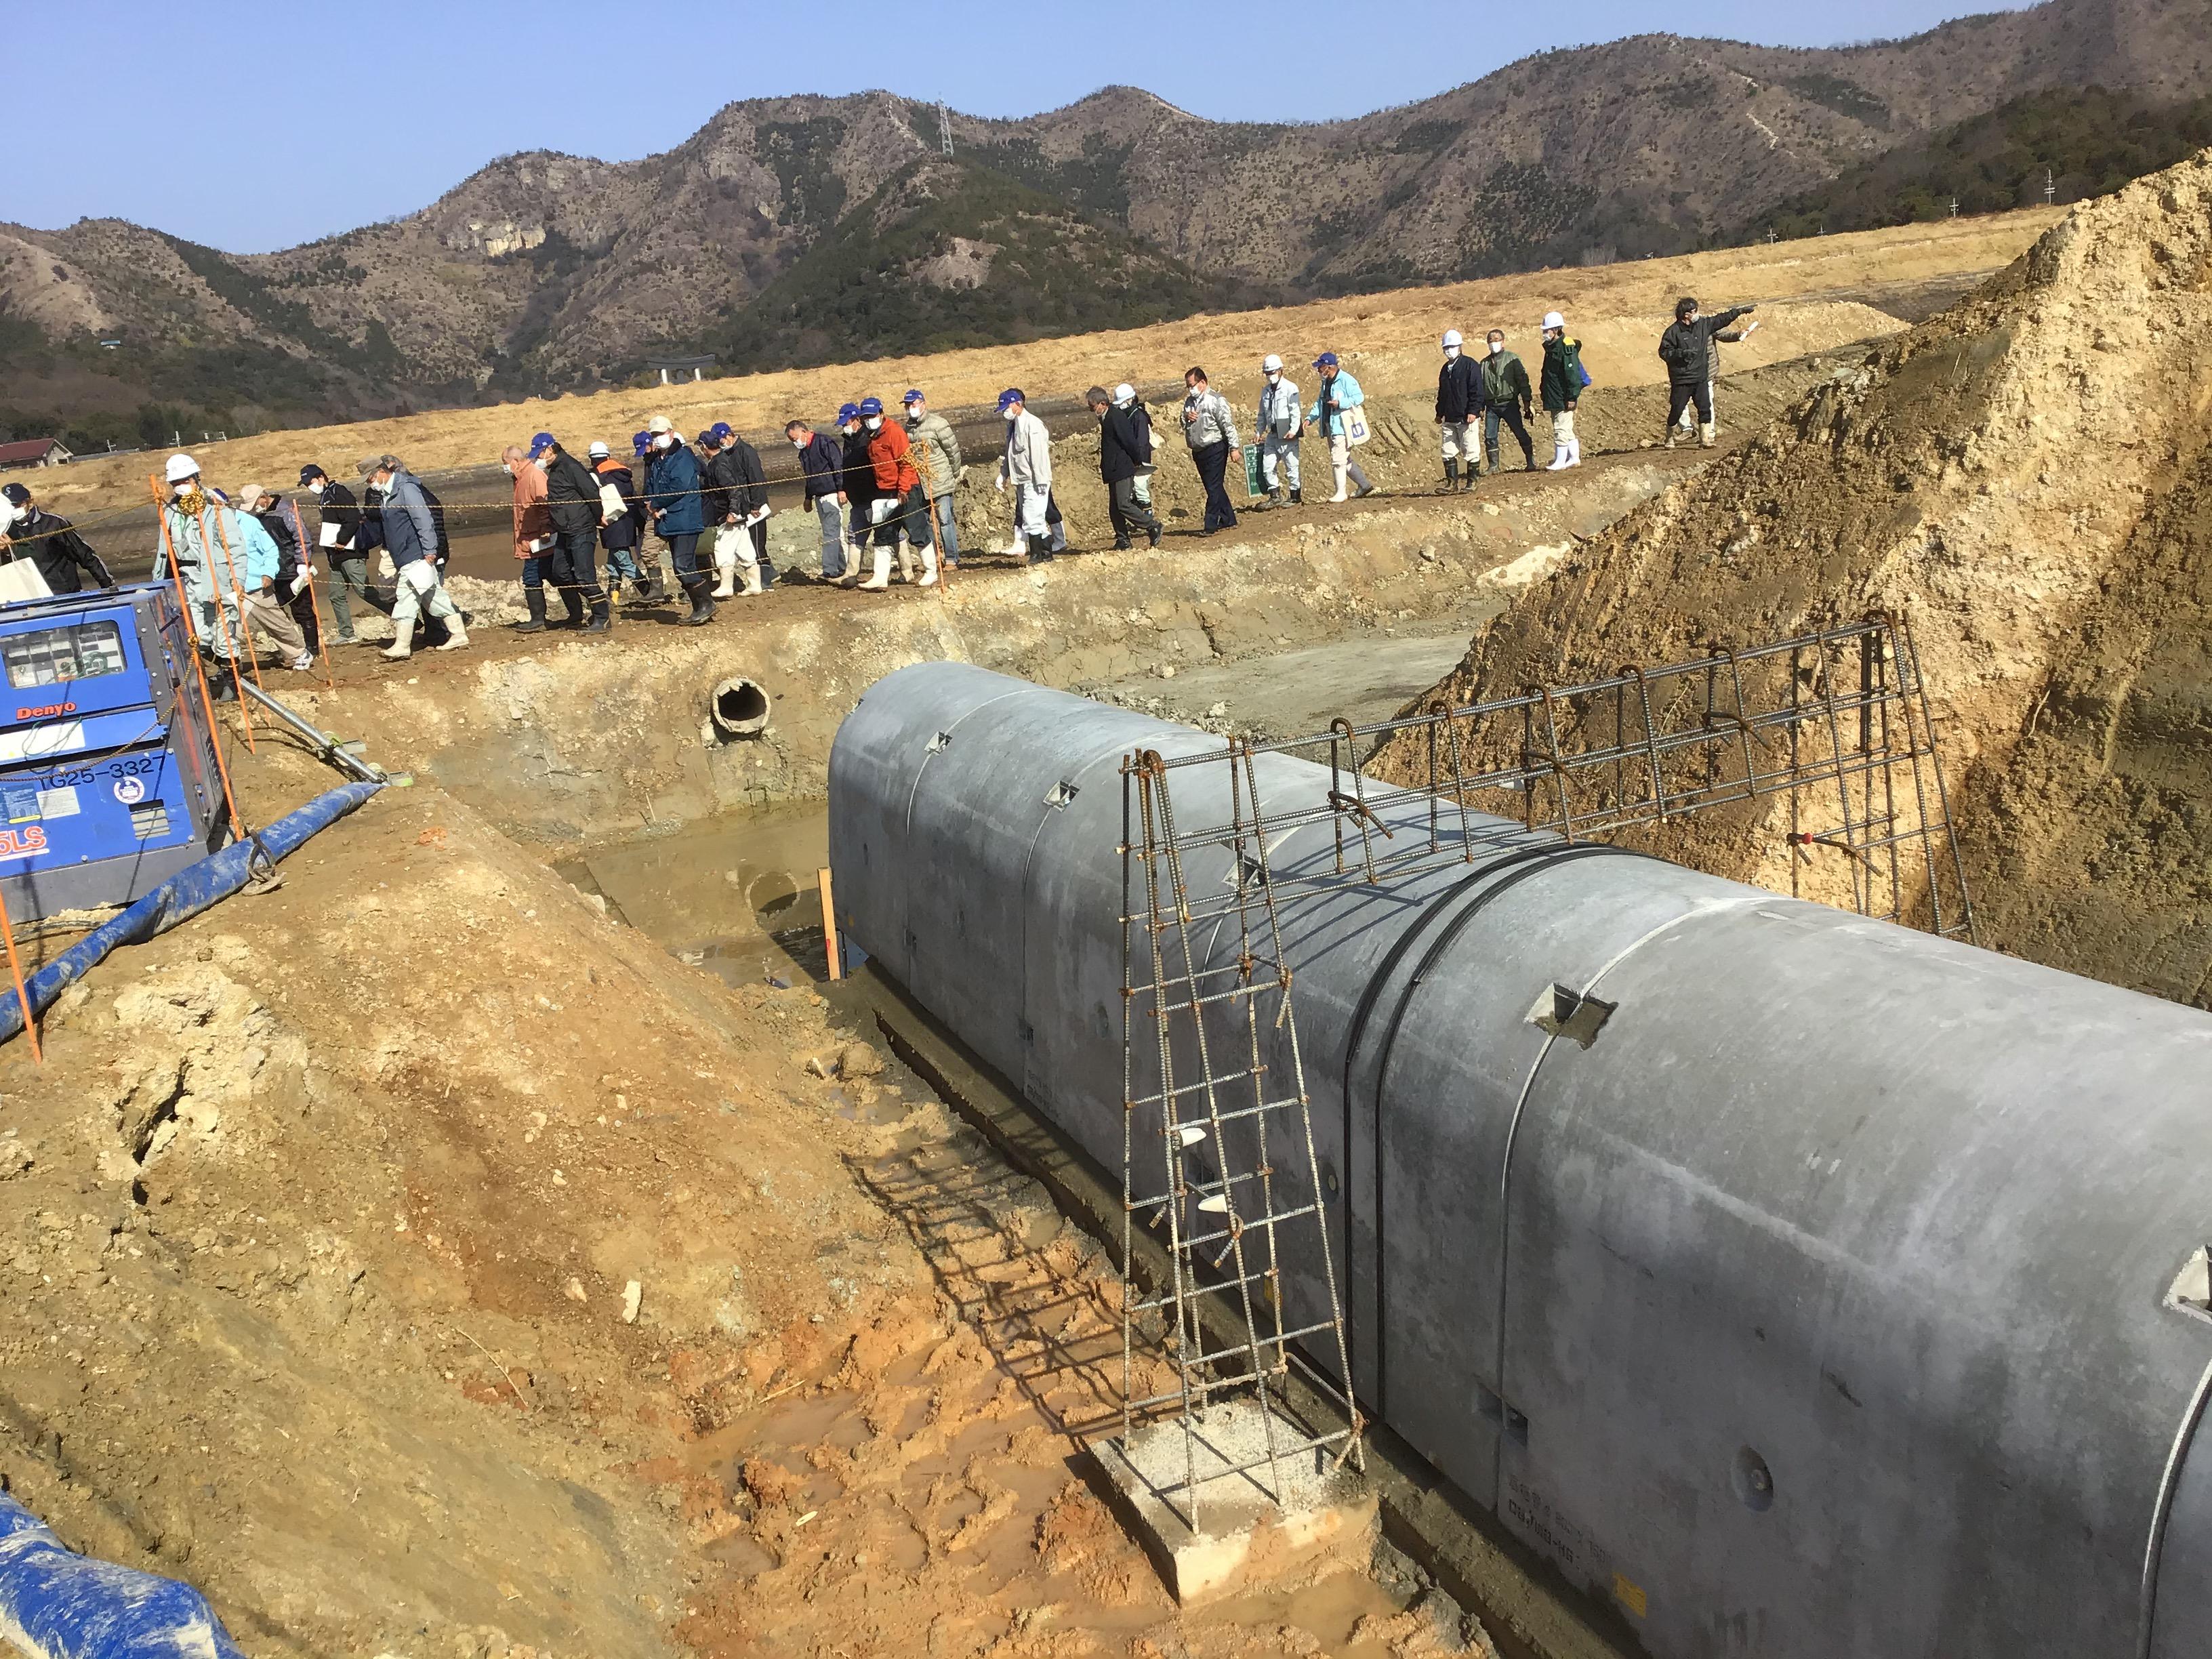 底樋管に鉄筋が門のように設置してあるのは、コンクリート管に沿って水の道が出来ないように衝立のコンクリート擁壁を作り漏水しない様考えられてます。